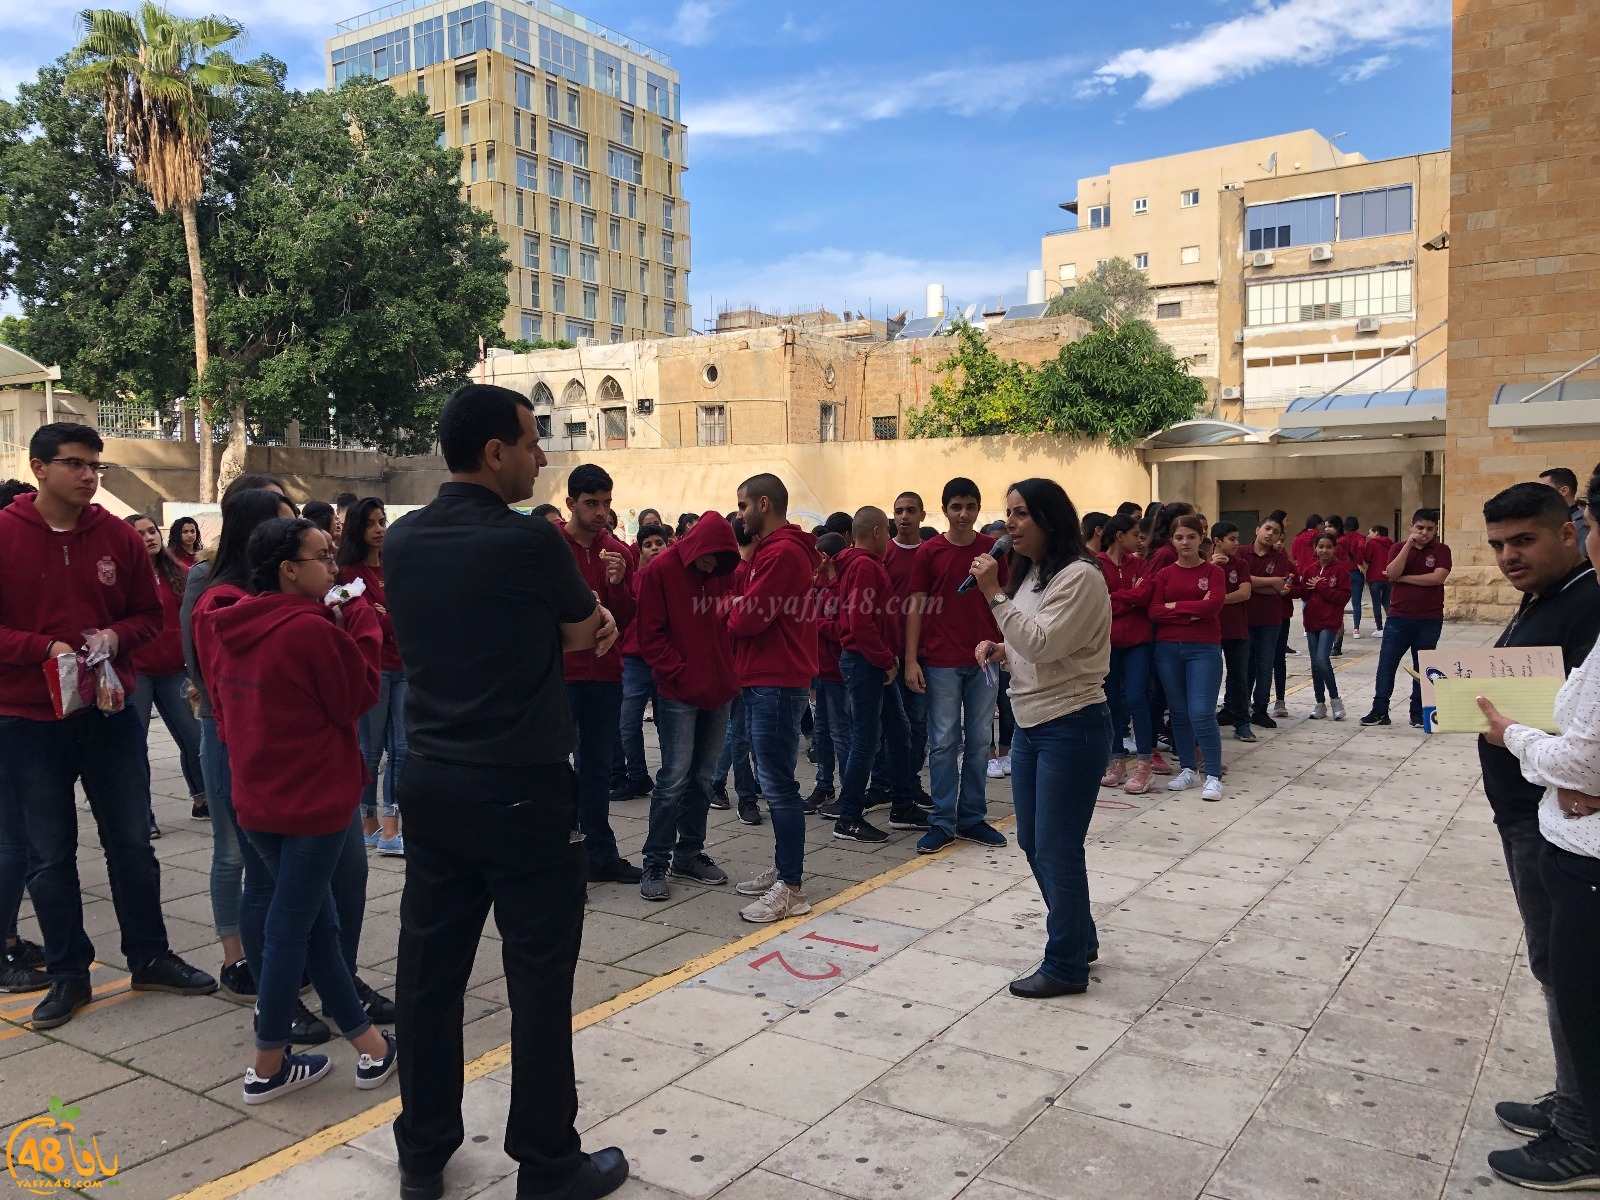 صور: فعاليات مدرسة تراسنطا همة ونشاط بلا حدود